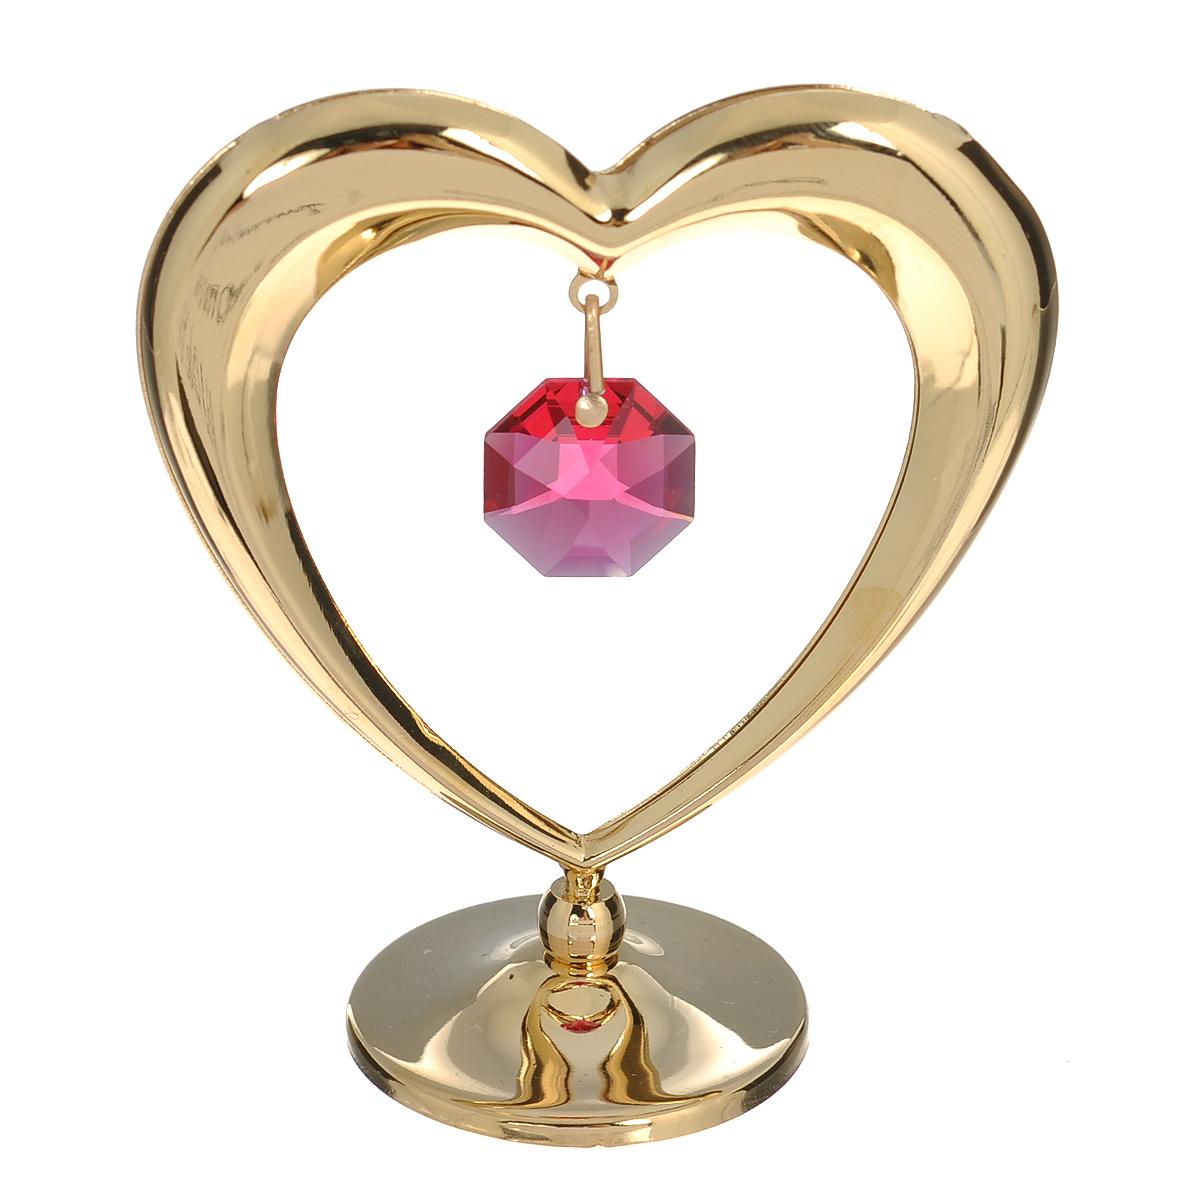 Фигурка декоративная Сердце, цвет: золотистый, красный. 6753412723Притягательный блеск и невероятная утонченность декоративной фигурки Сердце великолепно дополнят интерьер и, несомненно, не останутся без внимания. Фигурка выполнена из металла в виде сердечка с блестящим золотистым покрытием на шаровидной подставке и украшена кристаллом Swarovski. Декоративная фигурка Сердце послужит прекрасным подарком ценителю изысканных и элегантных вещиц. Характеристики:Материал: металл, кристаллы Swarovski. Размер фигурки: 6 см х 0,5 см х 7 см. Цвет: золотистый, красный. Артикул: 67534.